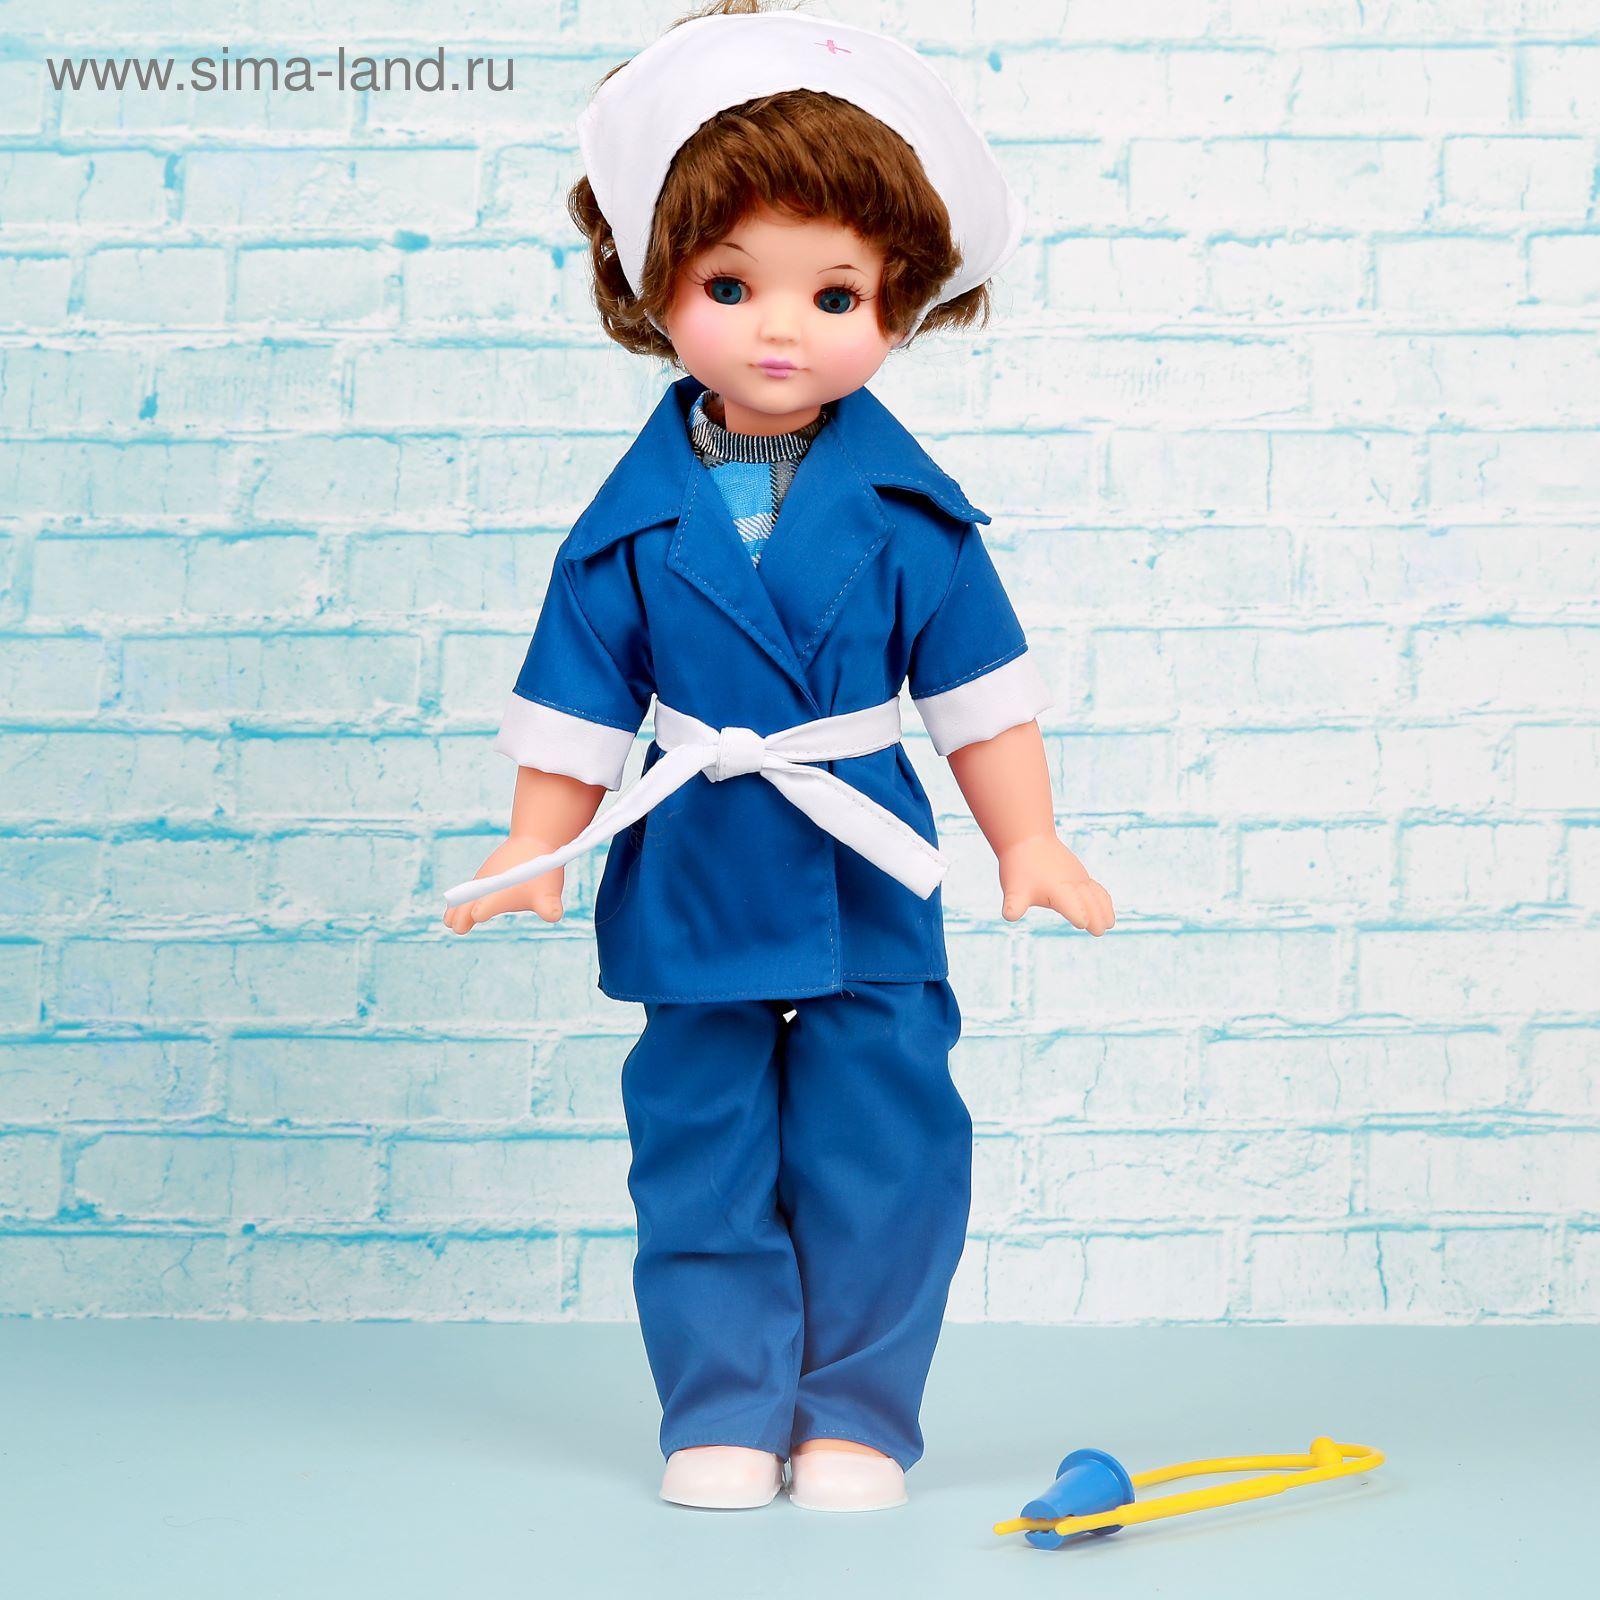 Кукла Врач М1 45см.